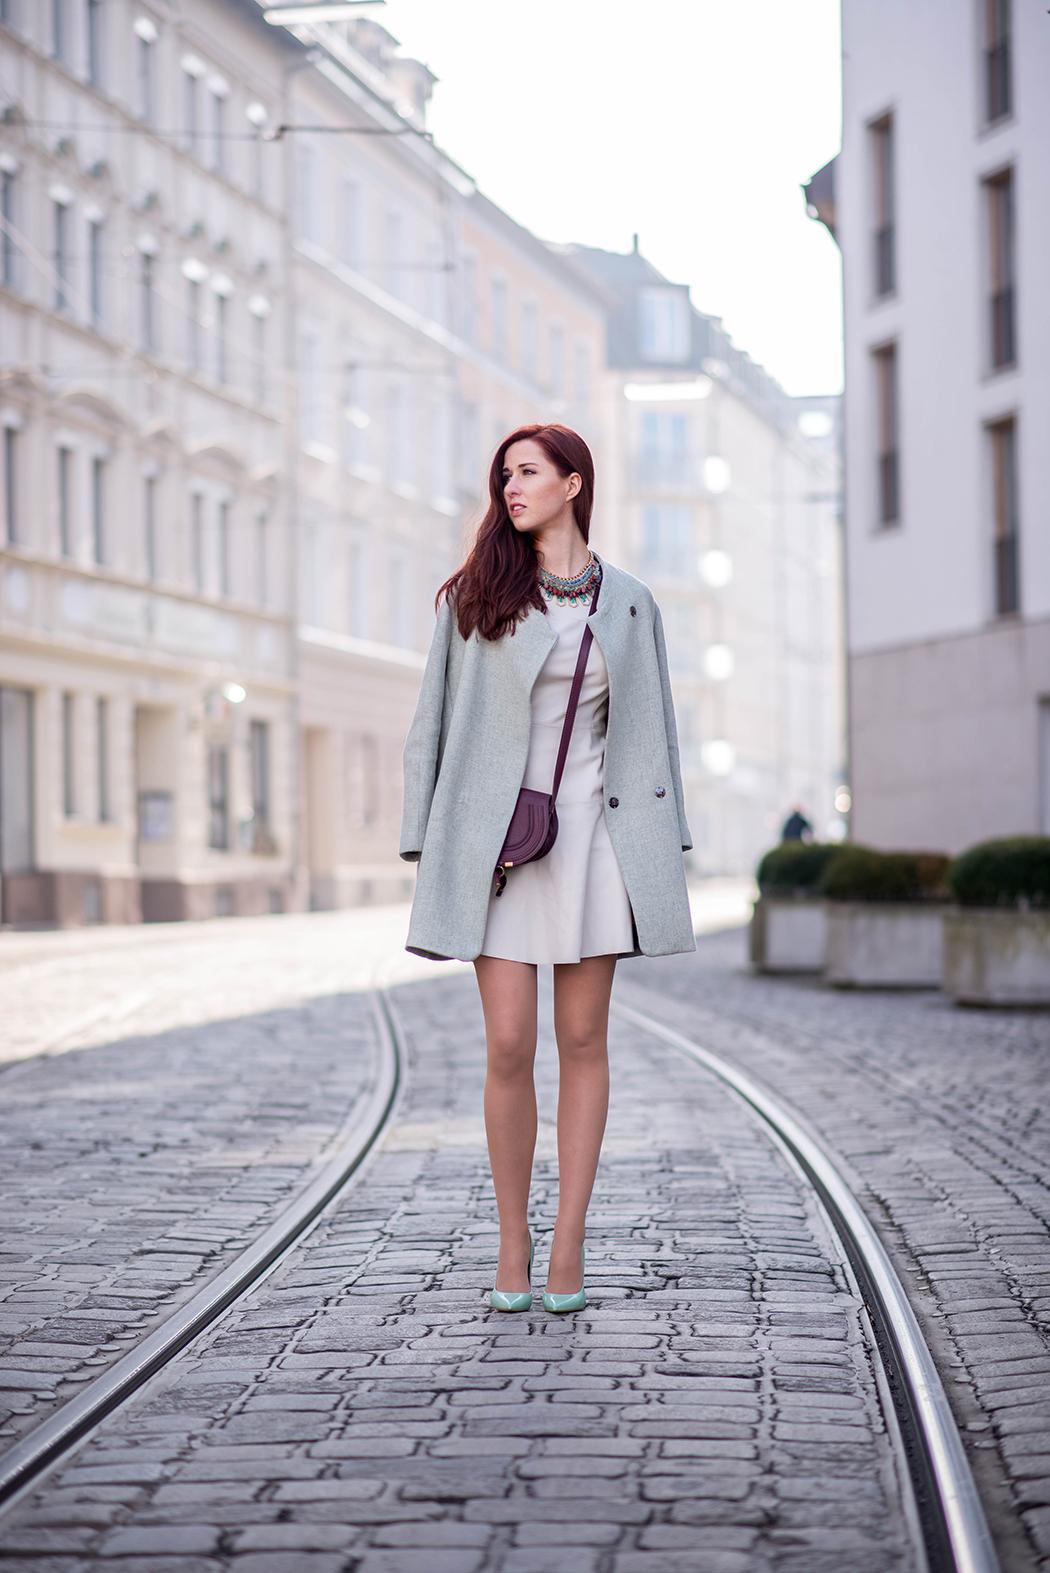 Lederkleid-beige-Zara-mint-Heels-Chloe-Marcie-weinrot-Fashionblogger-München-Fashionblog-Deutschland-Lindarella-7-web